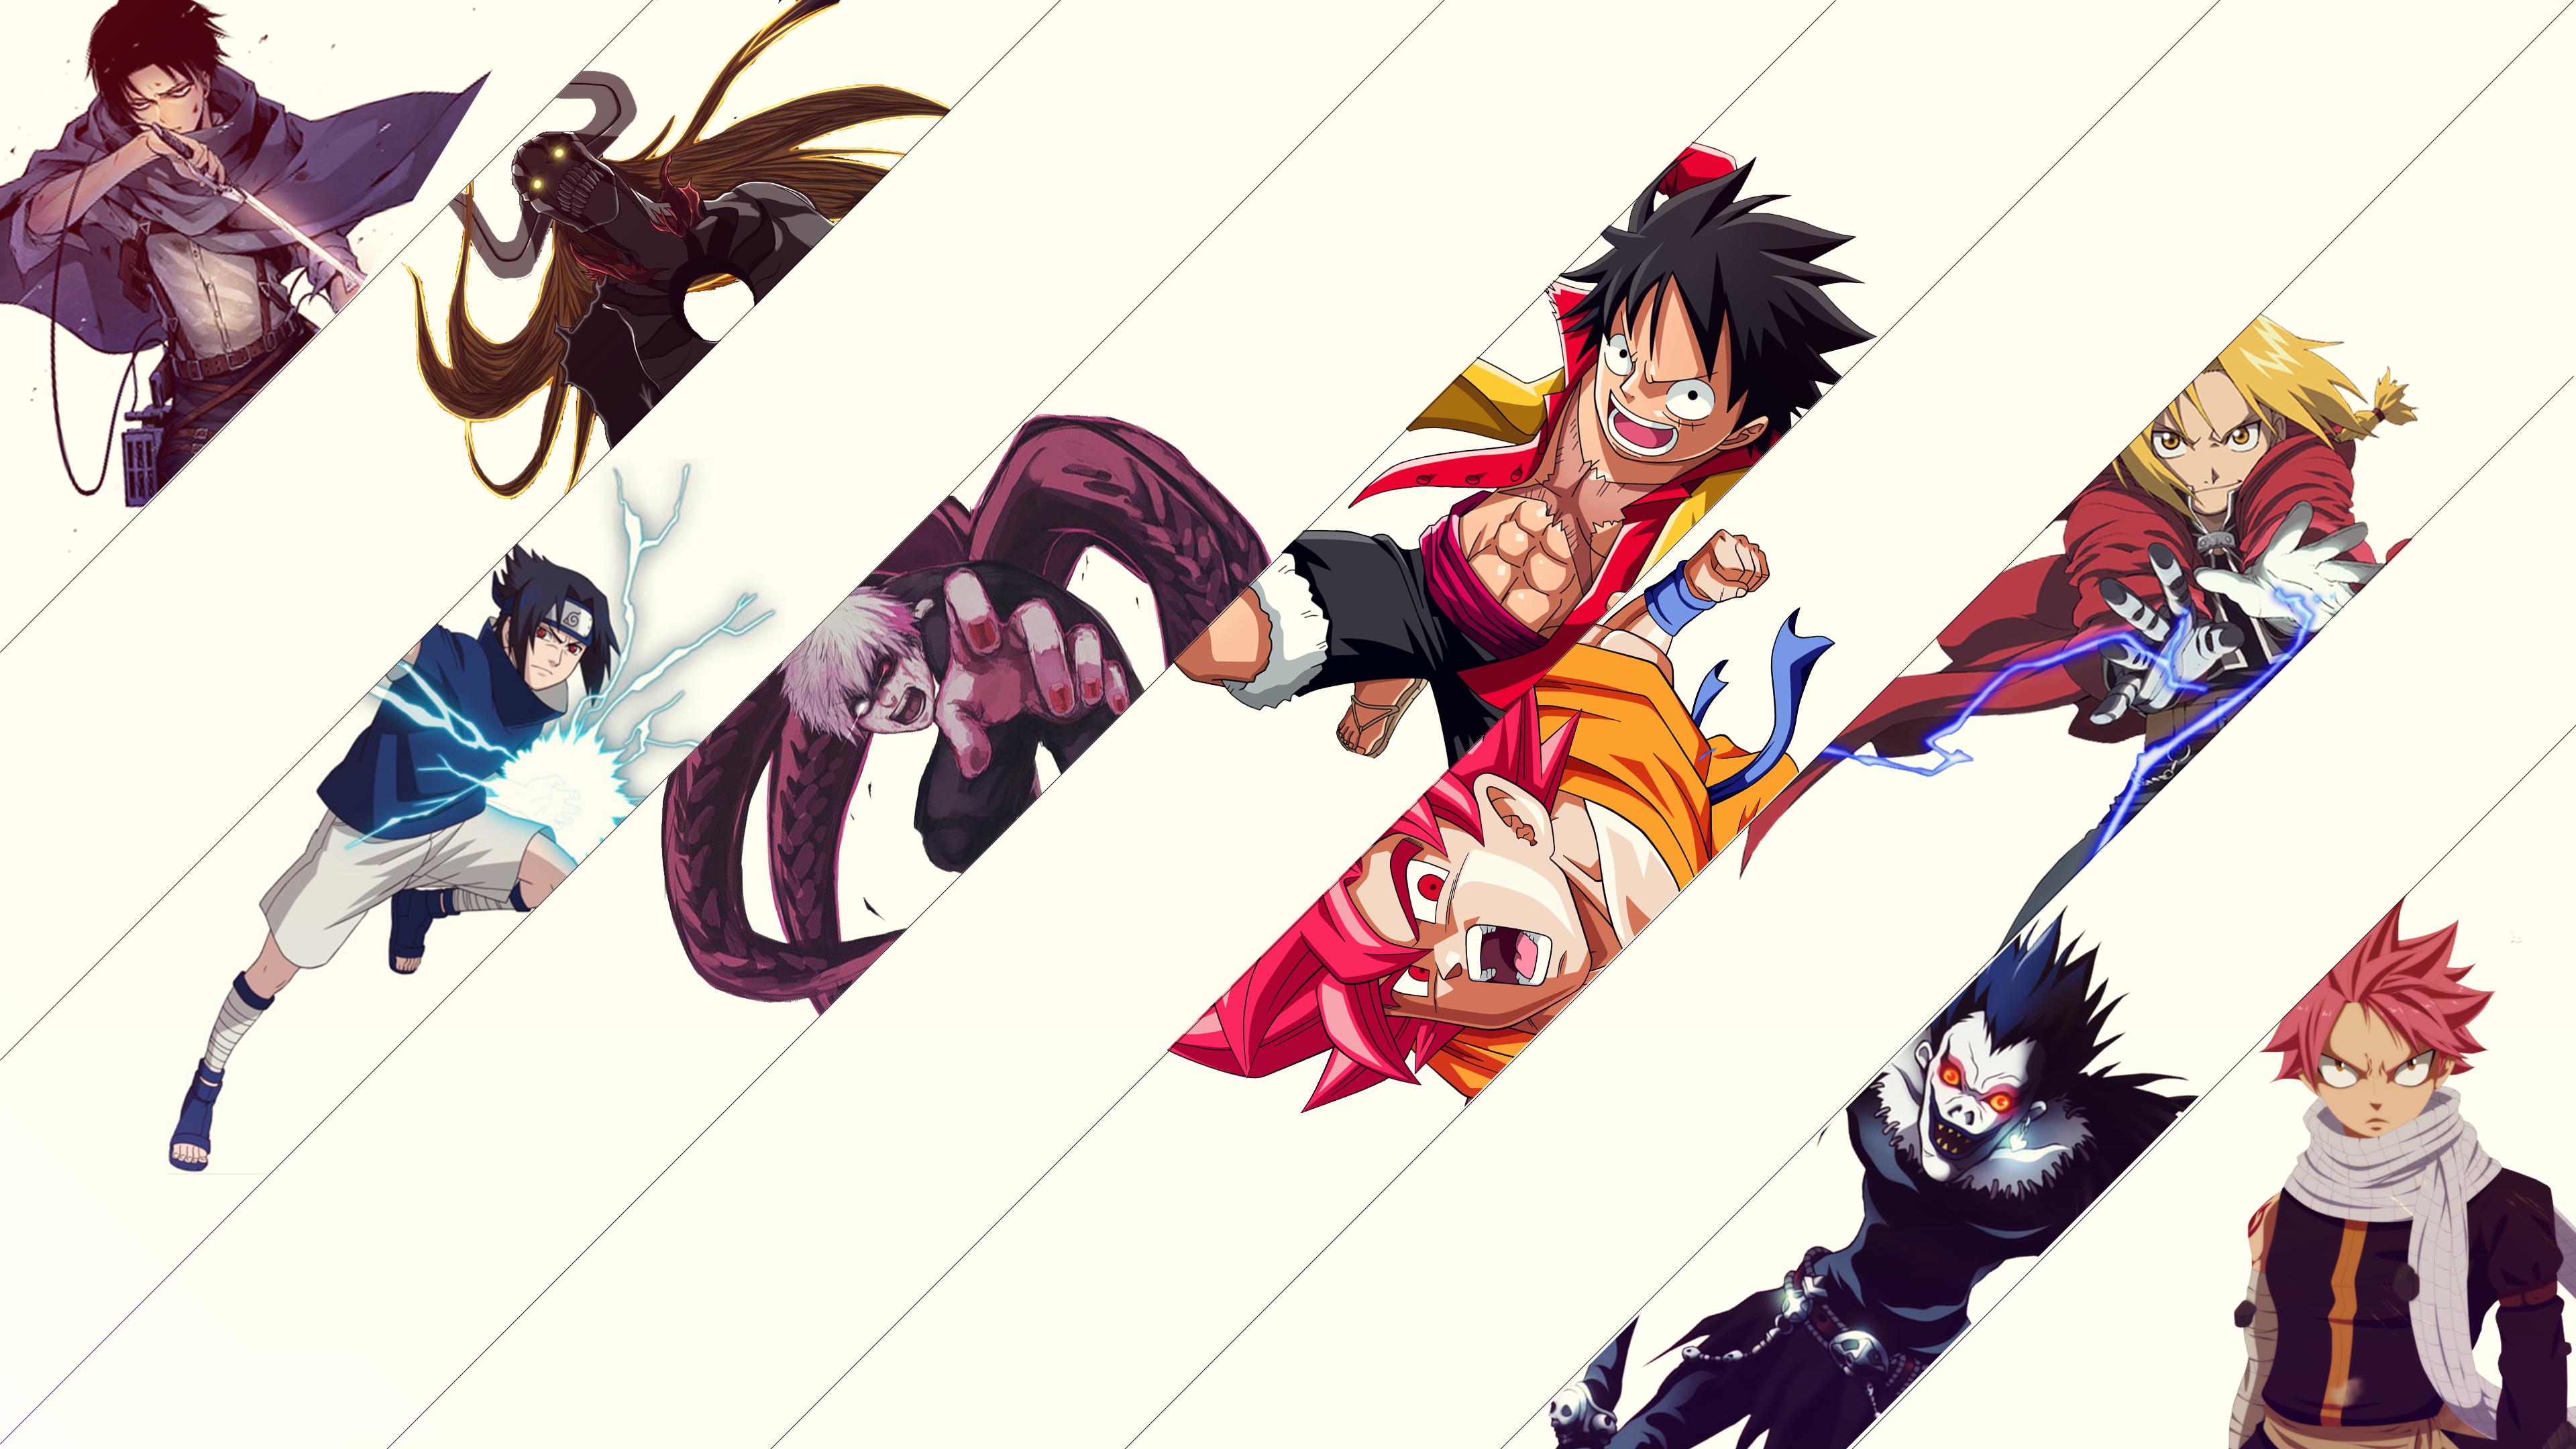 Shingeki No Kyojin Dragon Ball Fairy Tail Ryuk Death Note Death Note Edward Elric Fullmetal Alchemis 3840x2160